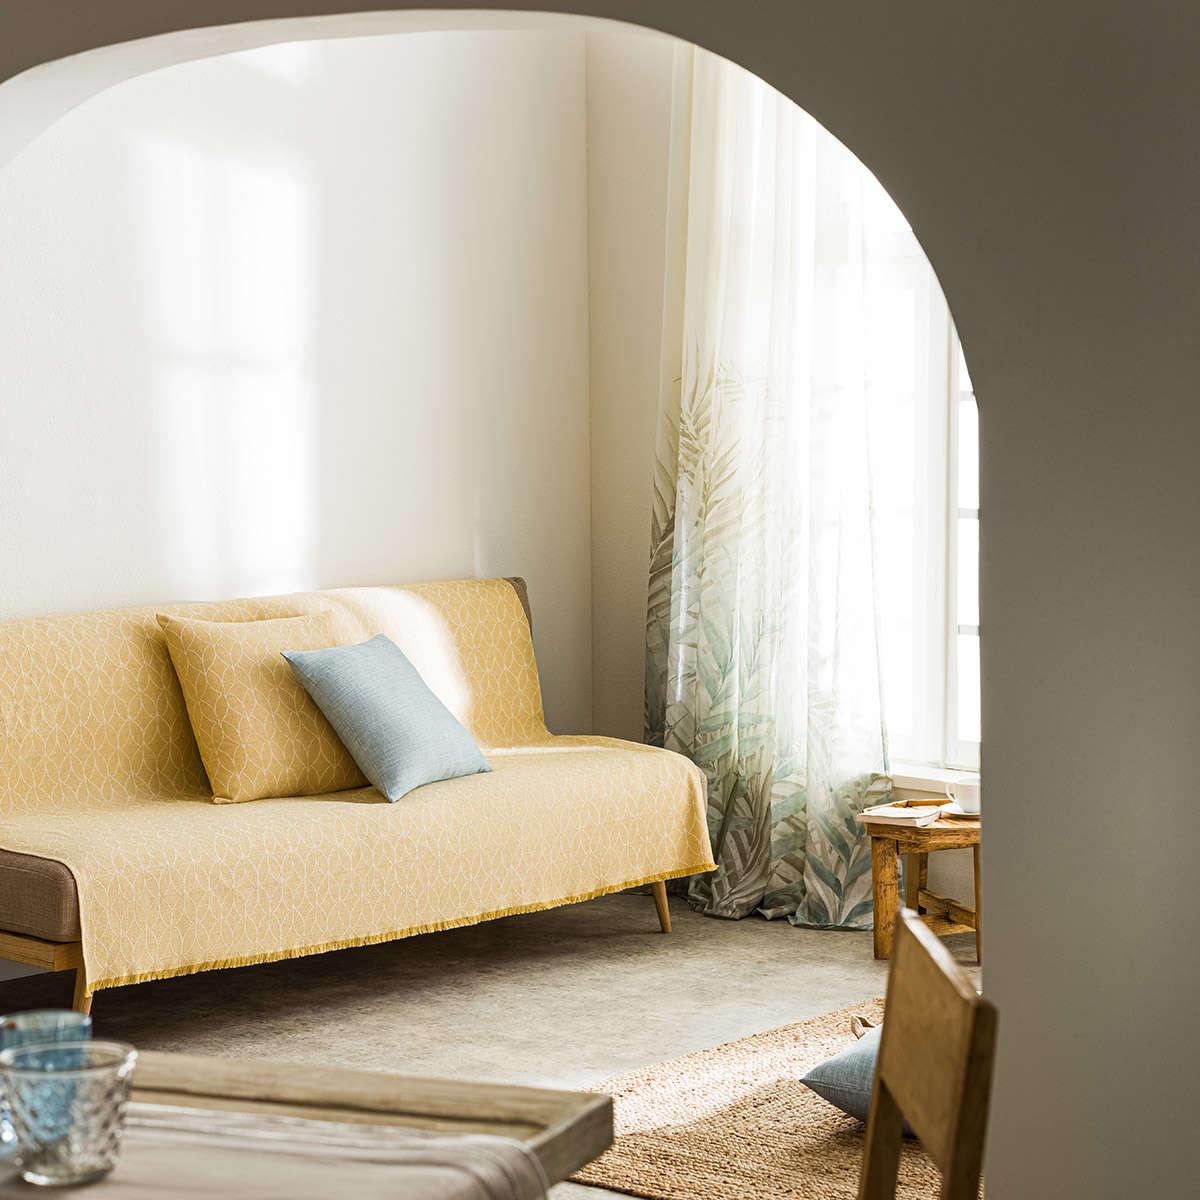 Ριχτάρι Lumien Mustard 517/04 Gofis Home Τριθέσιο 180x310cm